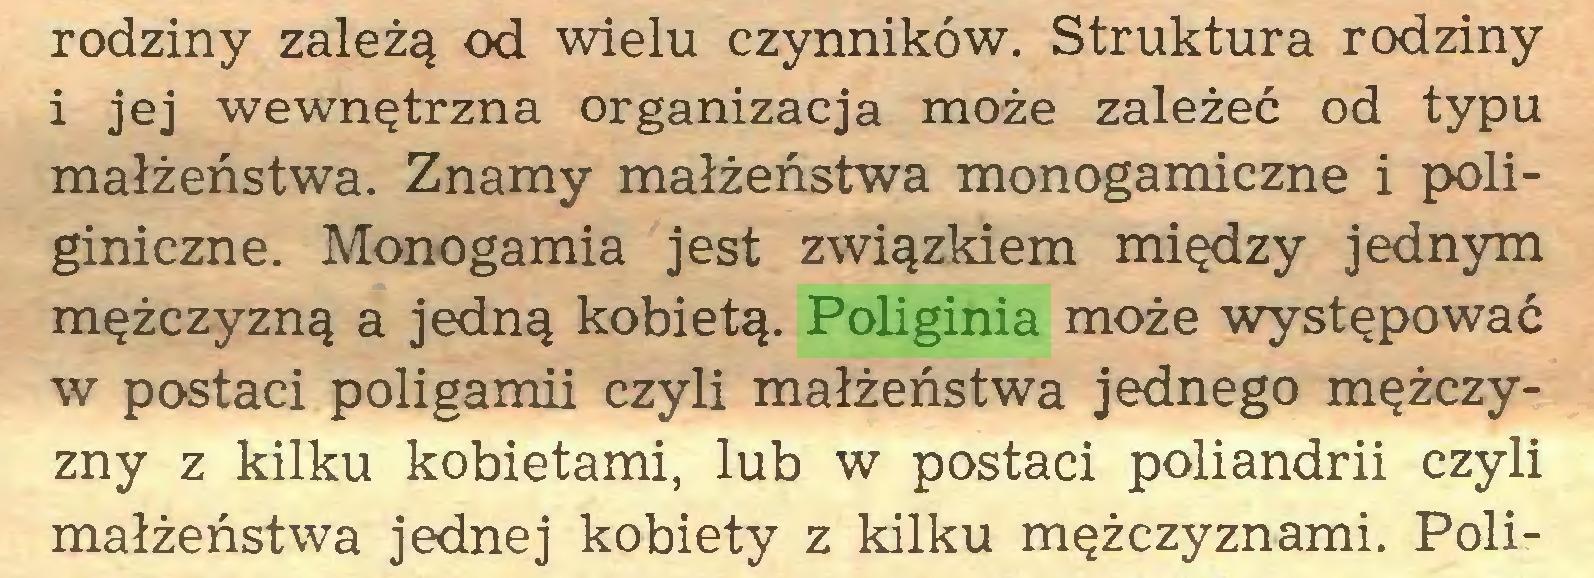 (...) rodziny zależą od wielu czynników. Struktura rodziny i jej wewnętrzna organizacja może zależeć od typu małżeństwa. Znamy małżeństwa monogamiczne i poliginiczne. Monogamia jest związkiem między jednym mężczyzną a jedną kobietą. Poliginia może występować w postaci poligamii czyli małżeństwa jednego mężczyzny z kilku kobietami, lub w postaci poliandrii czyli małżeństwa jednej kobiety z kilku mężczyznami. Poli...